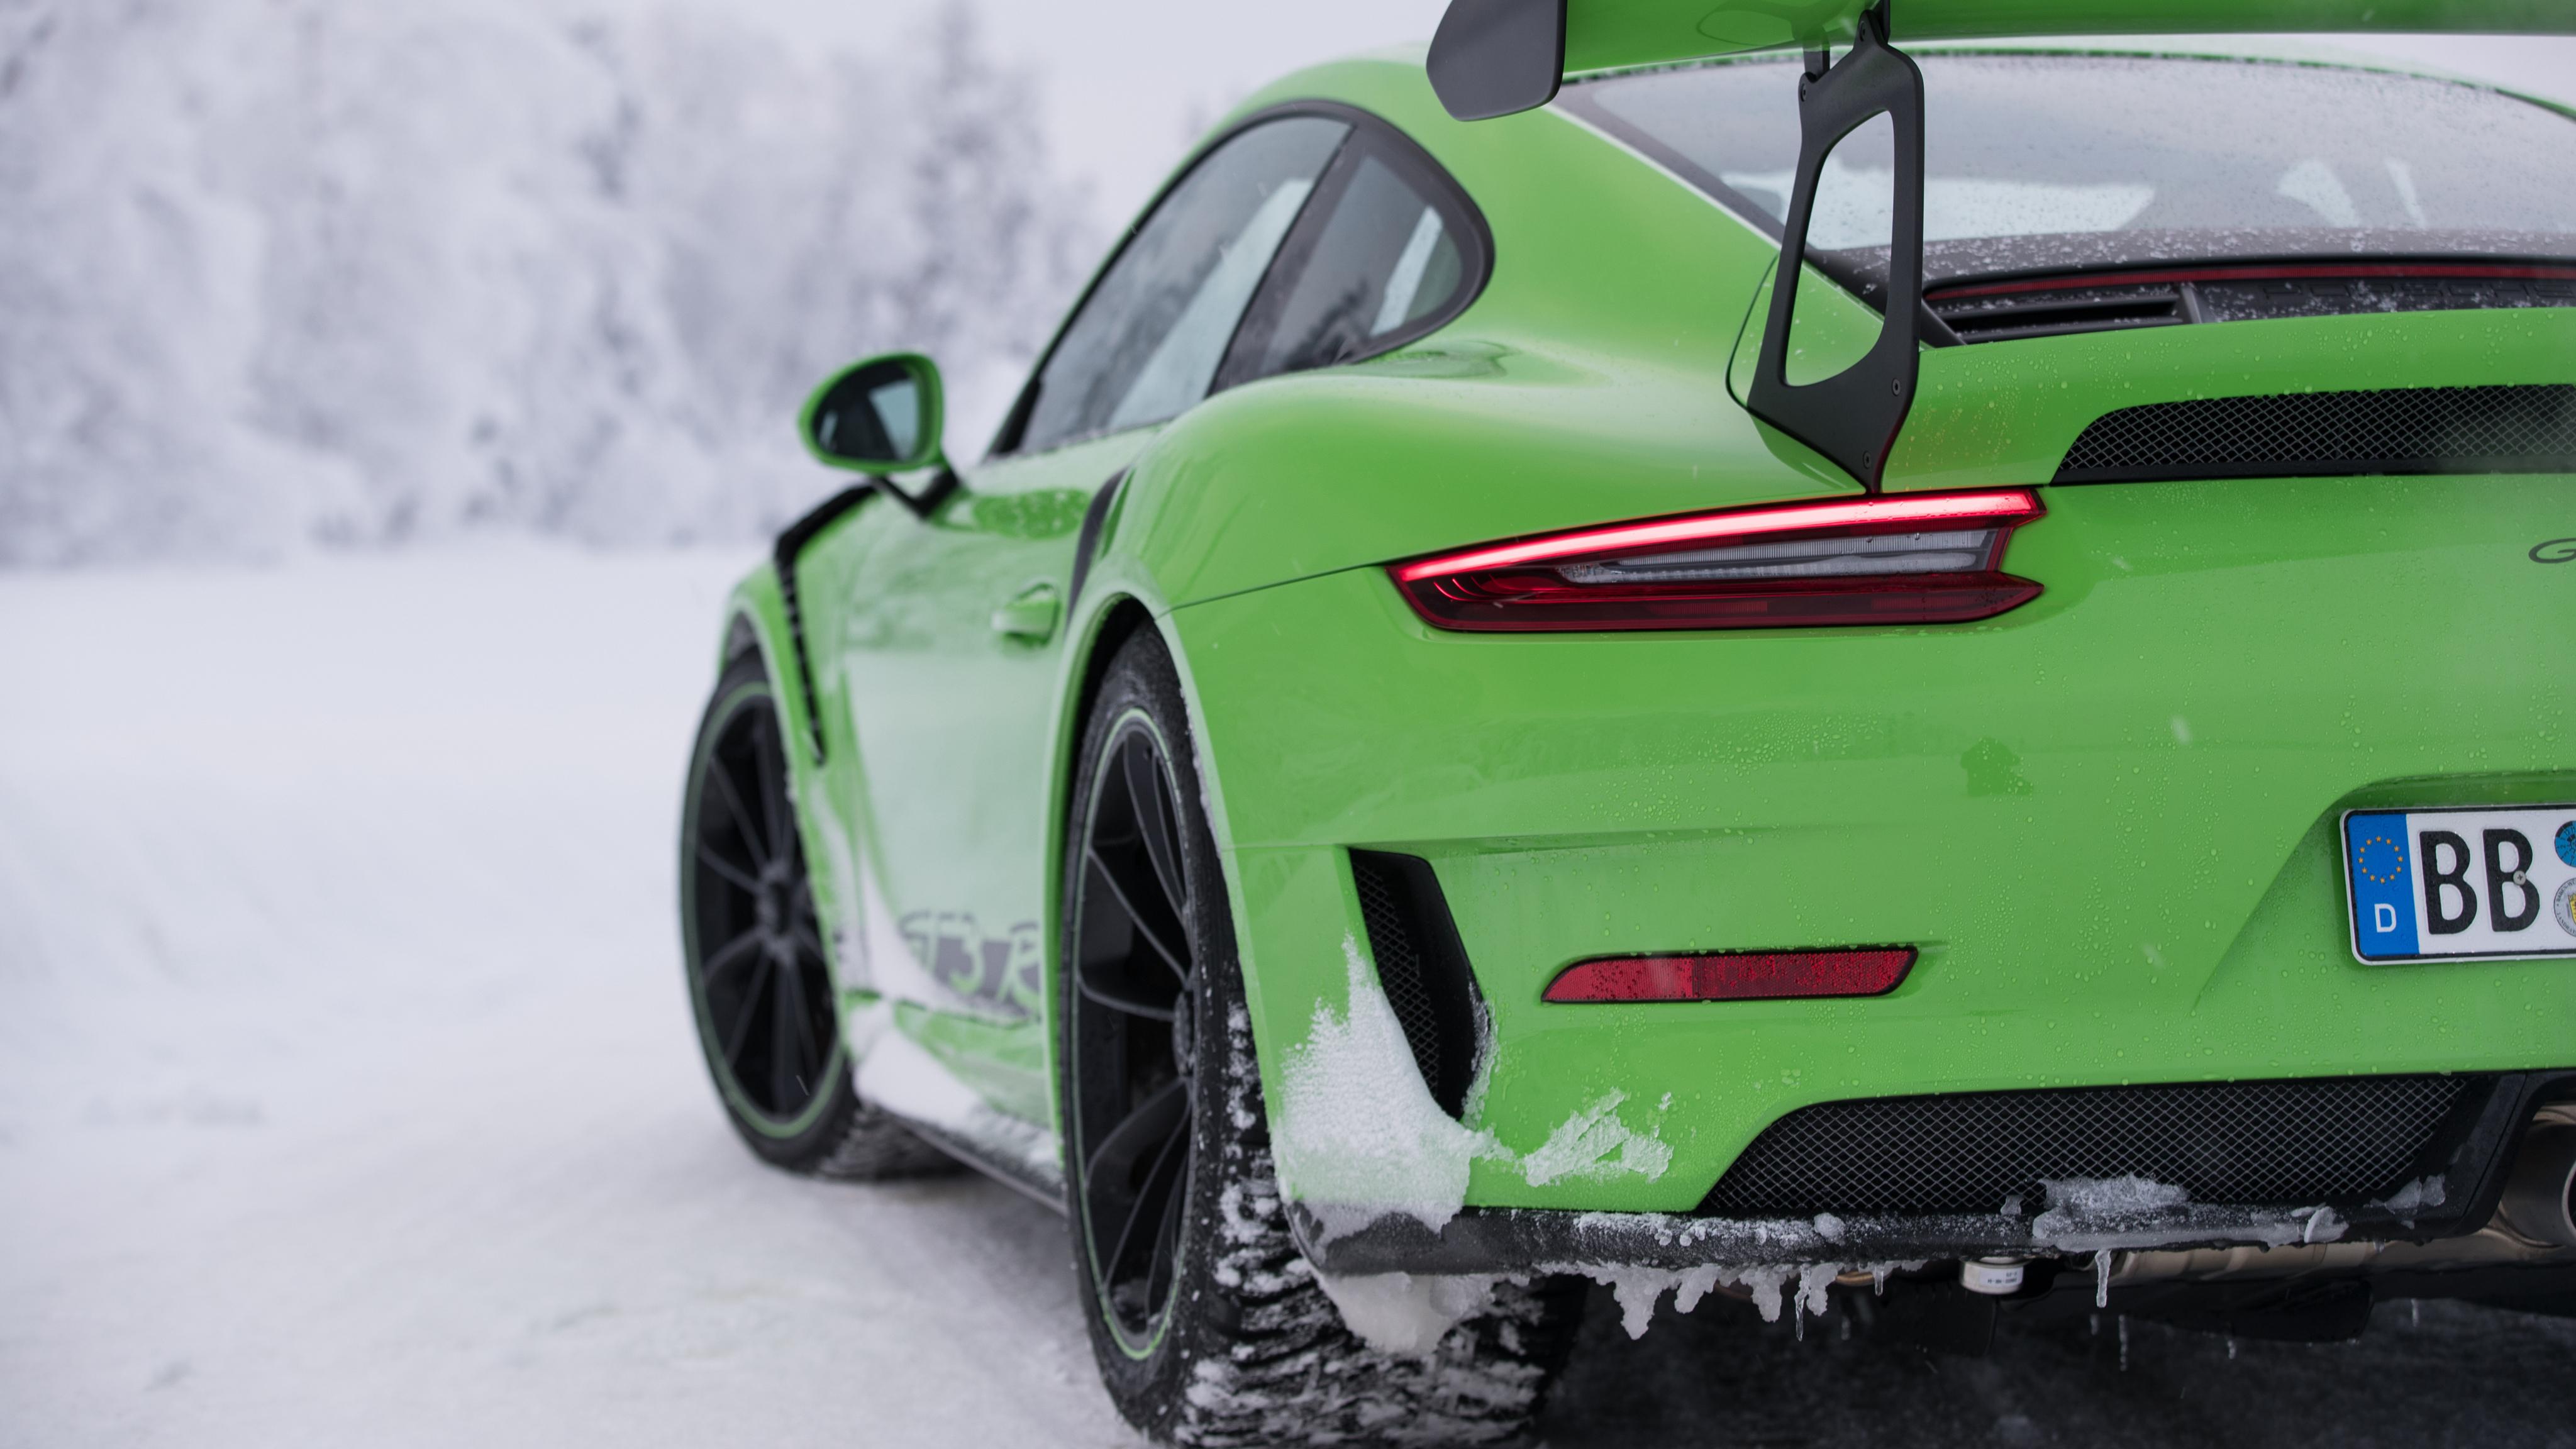 Car Hd Wallpaper For Iphone 2018 Porsche 911 Gt3 Rs 4k 2 Wallpaper Hd Car Wallpapers